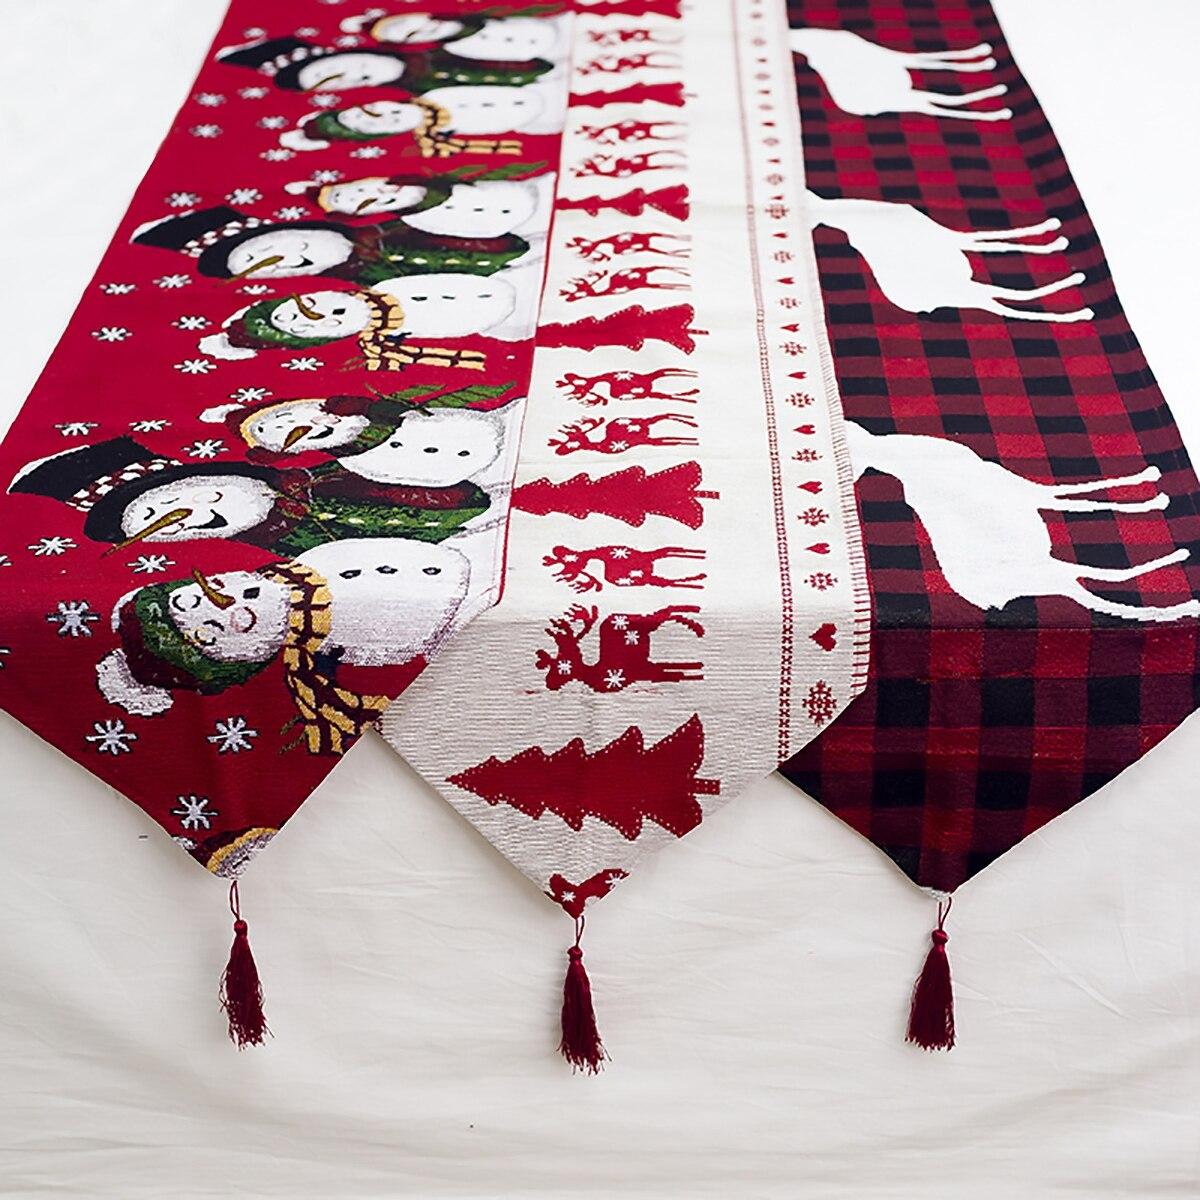 Christmas Table Runner Christmas Table Decor Holiday Table Runner Buffalo Plaid Christmas Decor Holiday Decor